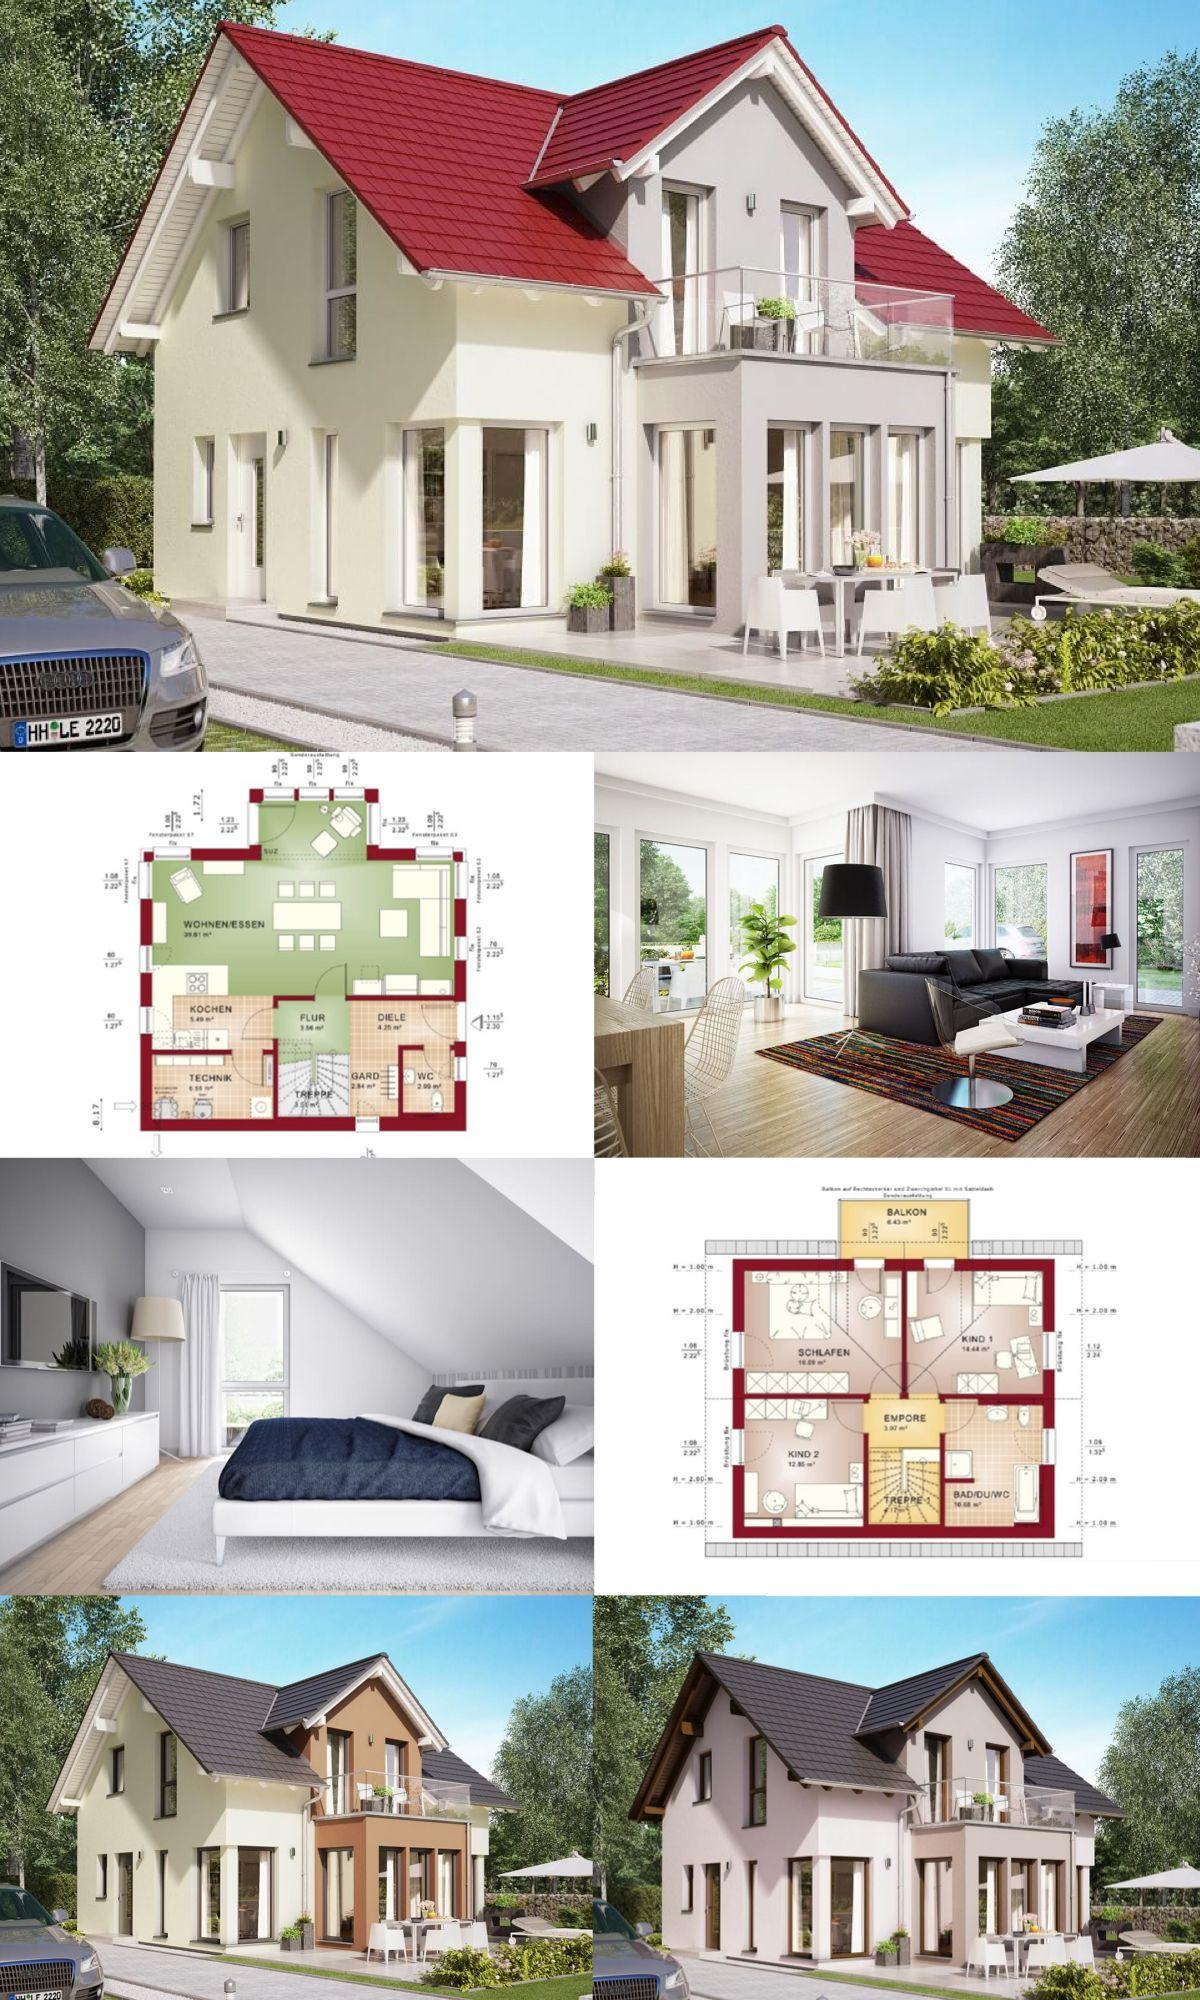 EINFAMILIENHAUS Satteldach Grundriss Offen Modern * Haus Edition 1 V7 Bien  Zenker * Fertighaus Bauen Offene